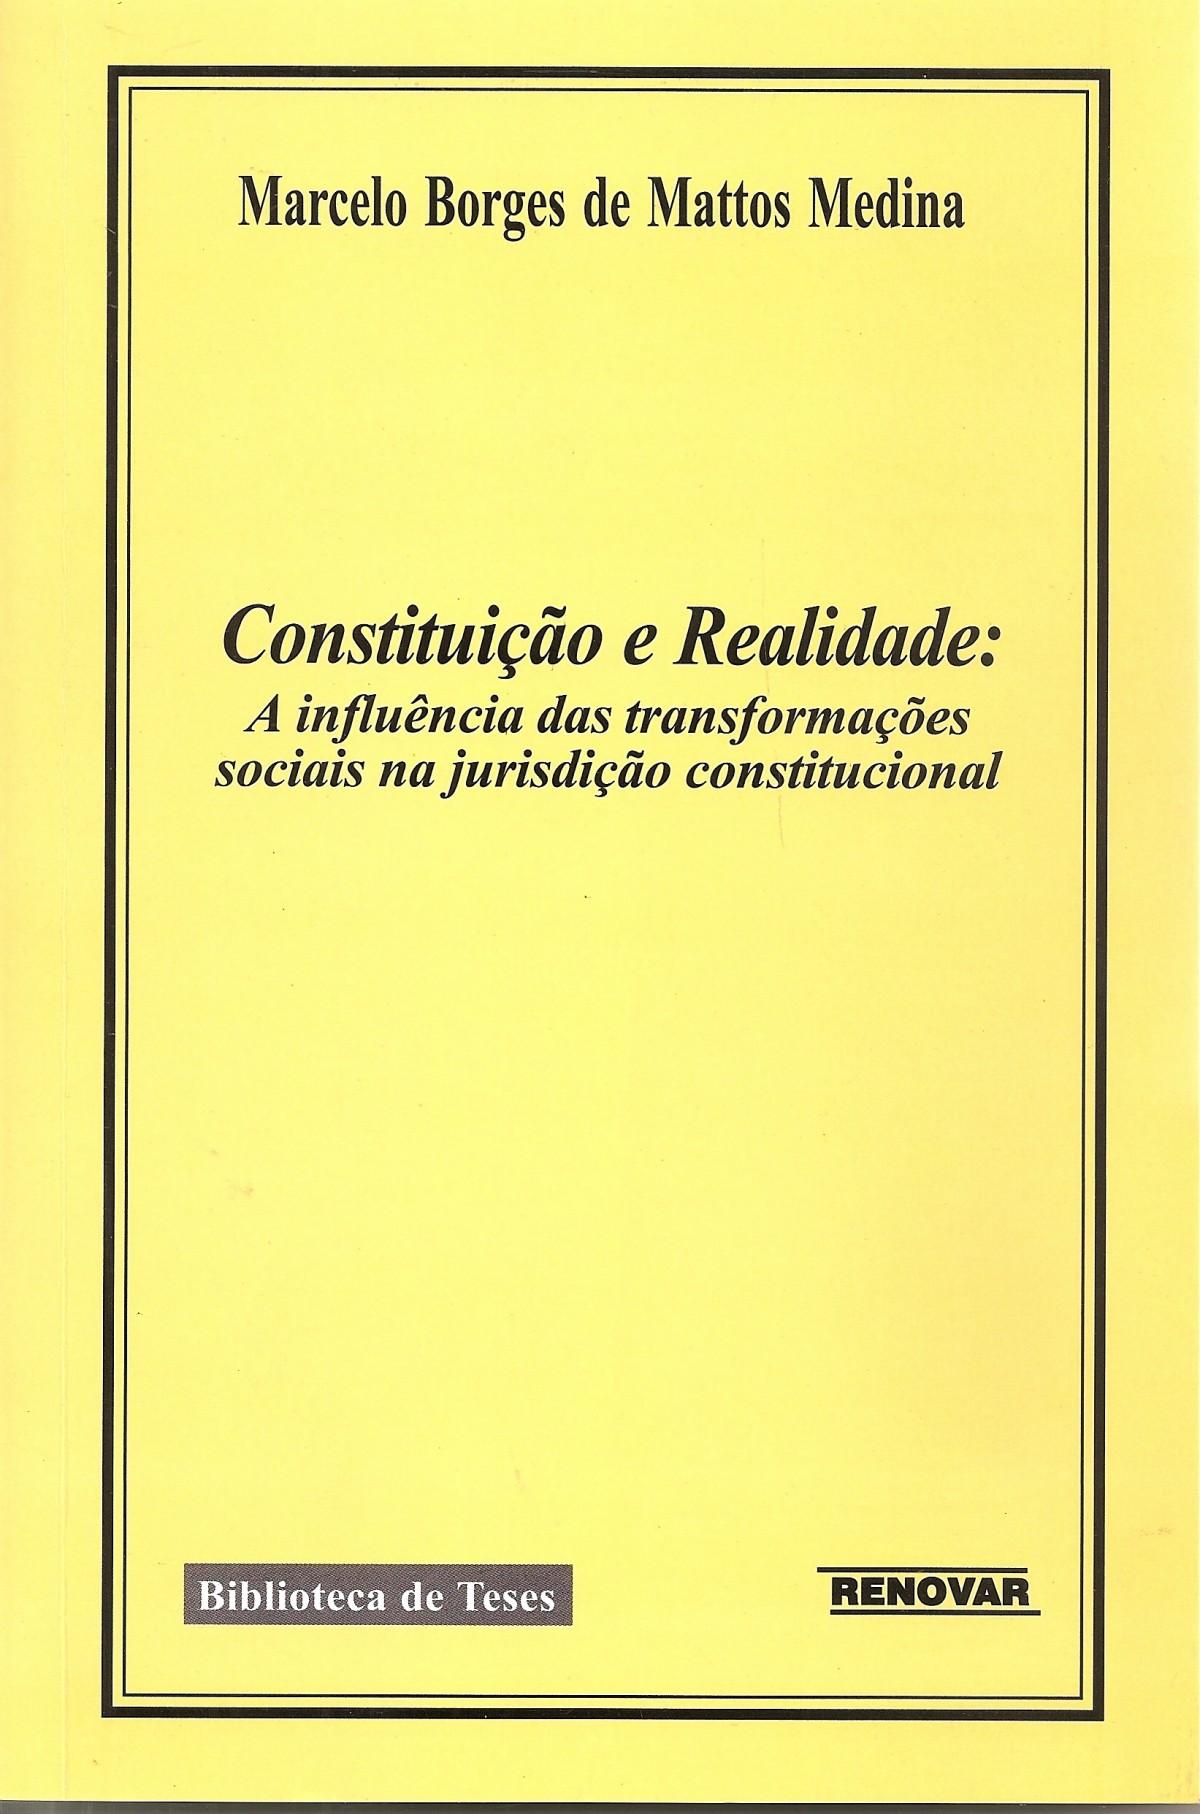 Foto 1 - Constituição e Realidade: A Influência Das Transformações Sociais Na Jurisdição Constitucional